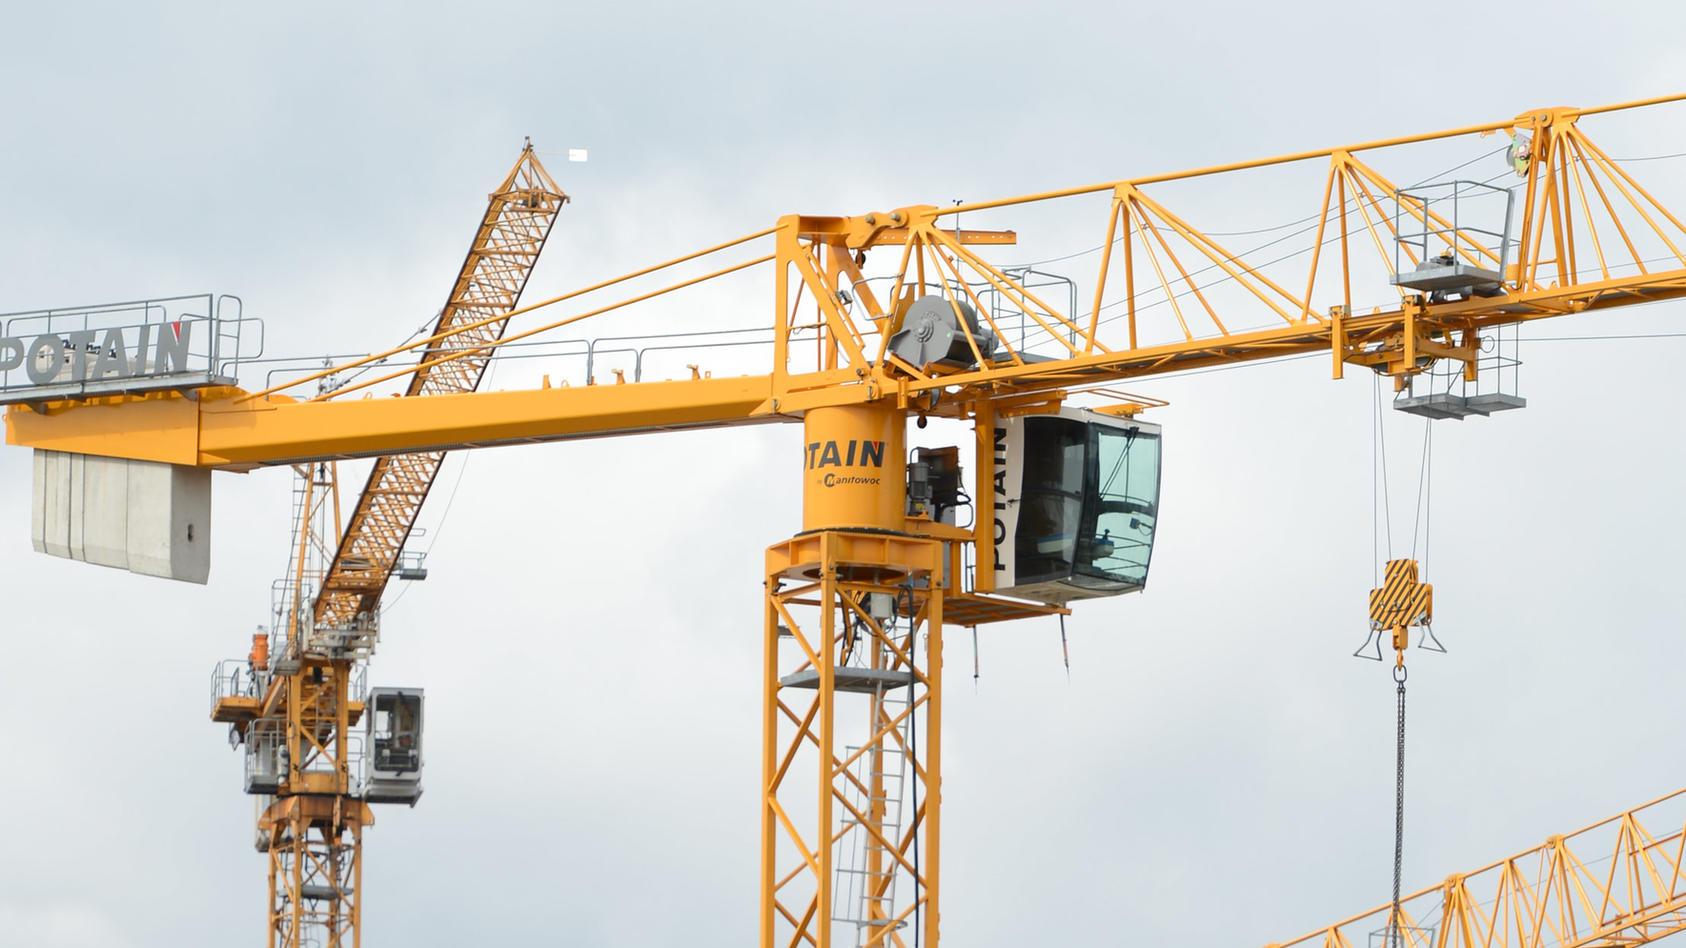 Bei einem schweren Arbeitsunfall nahe der Hamburger Elbbrücken sind am Montagmittag zwei Bauarbeiter lebensgefährlich verletzt worden (Symbolbild).